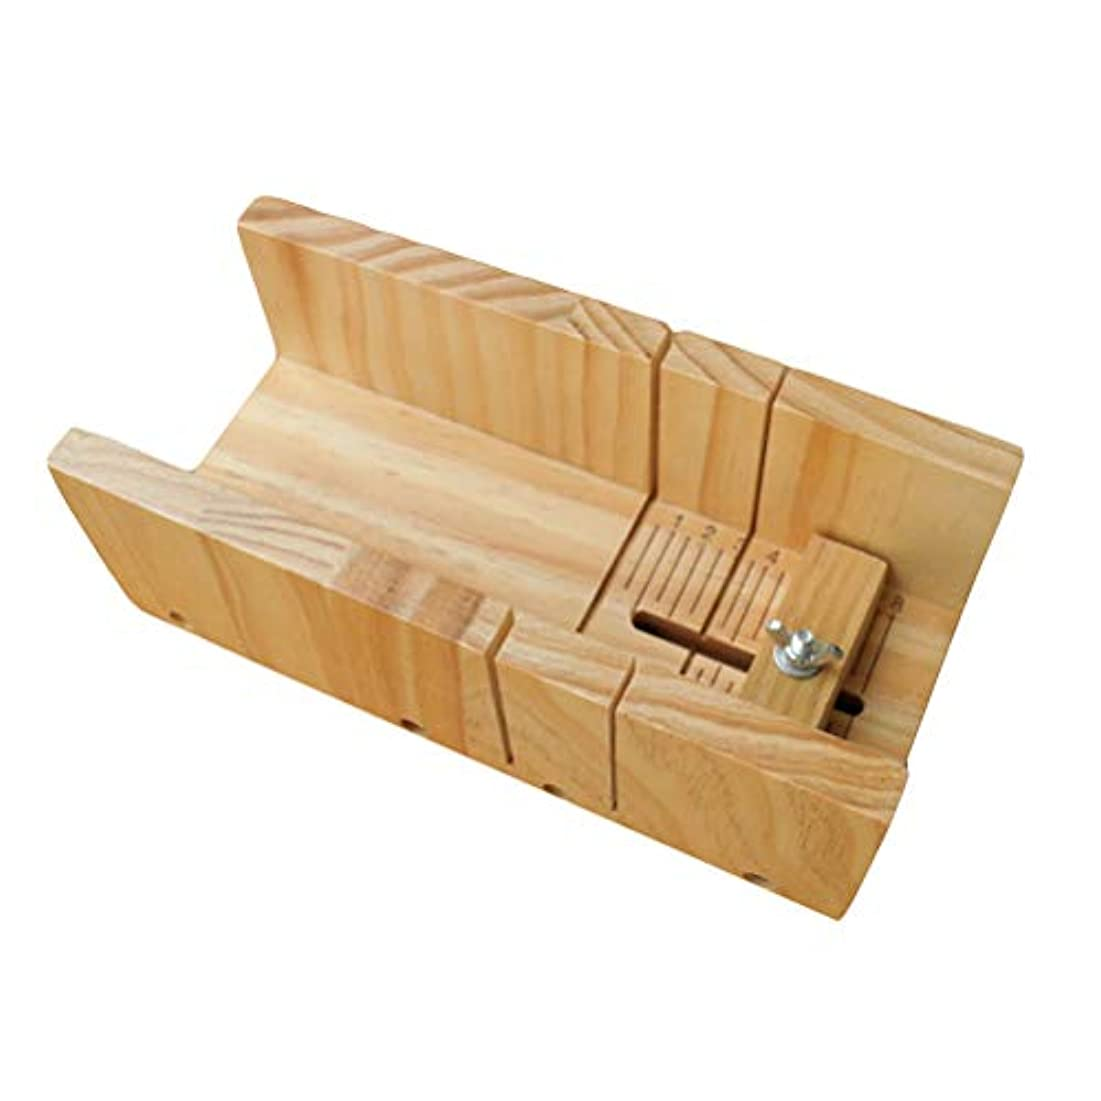 グループトランザクション理容師OUNONA ウッドソープロープカッターモールドプレミアム調整可能カッターモールドボックスソープ(木製カラー)